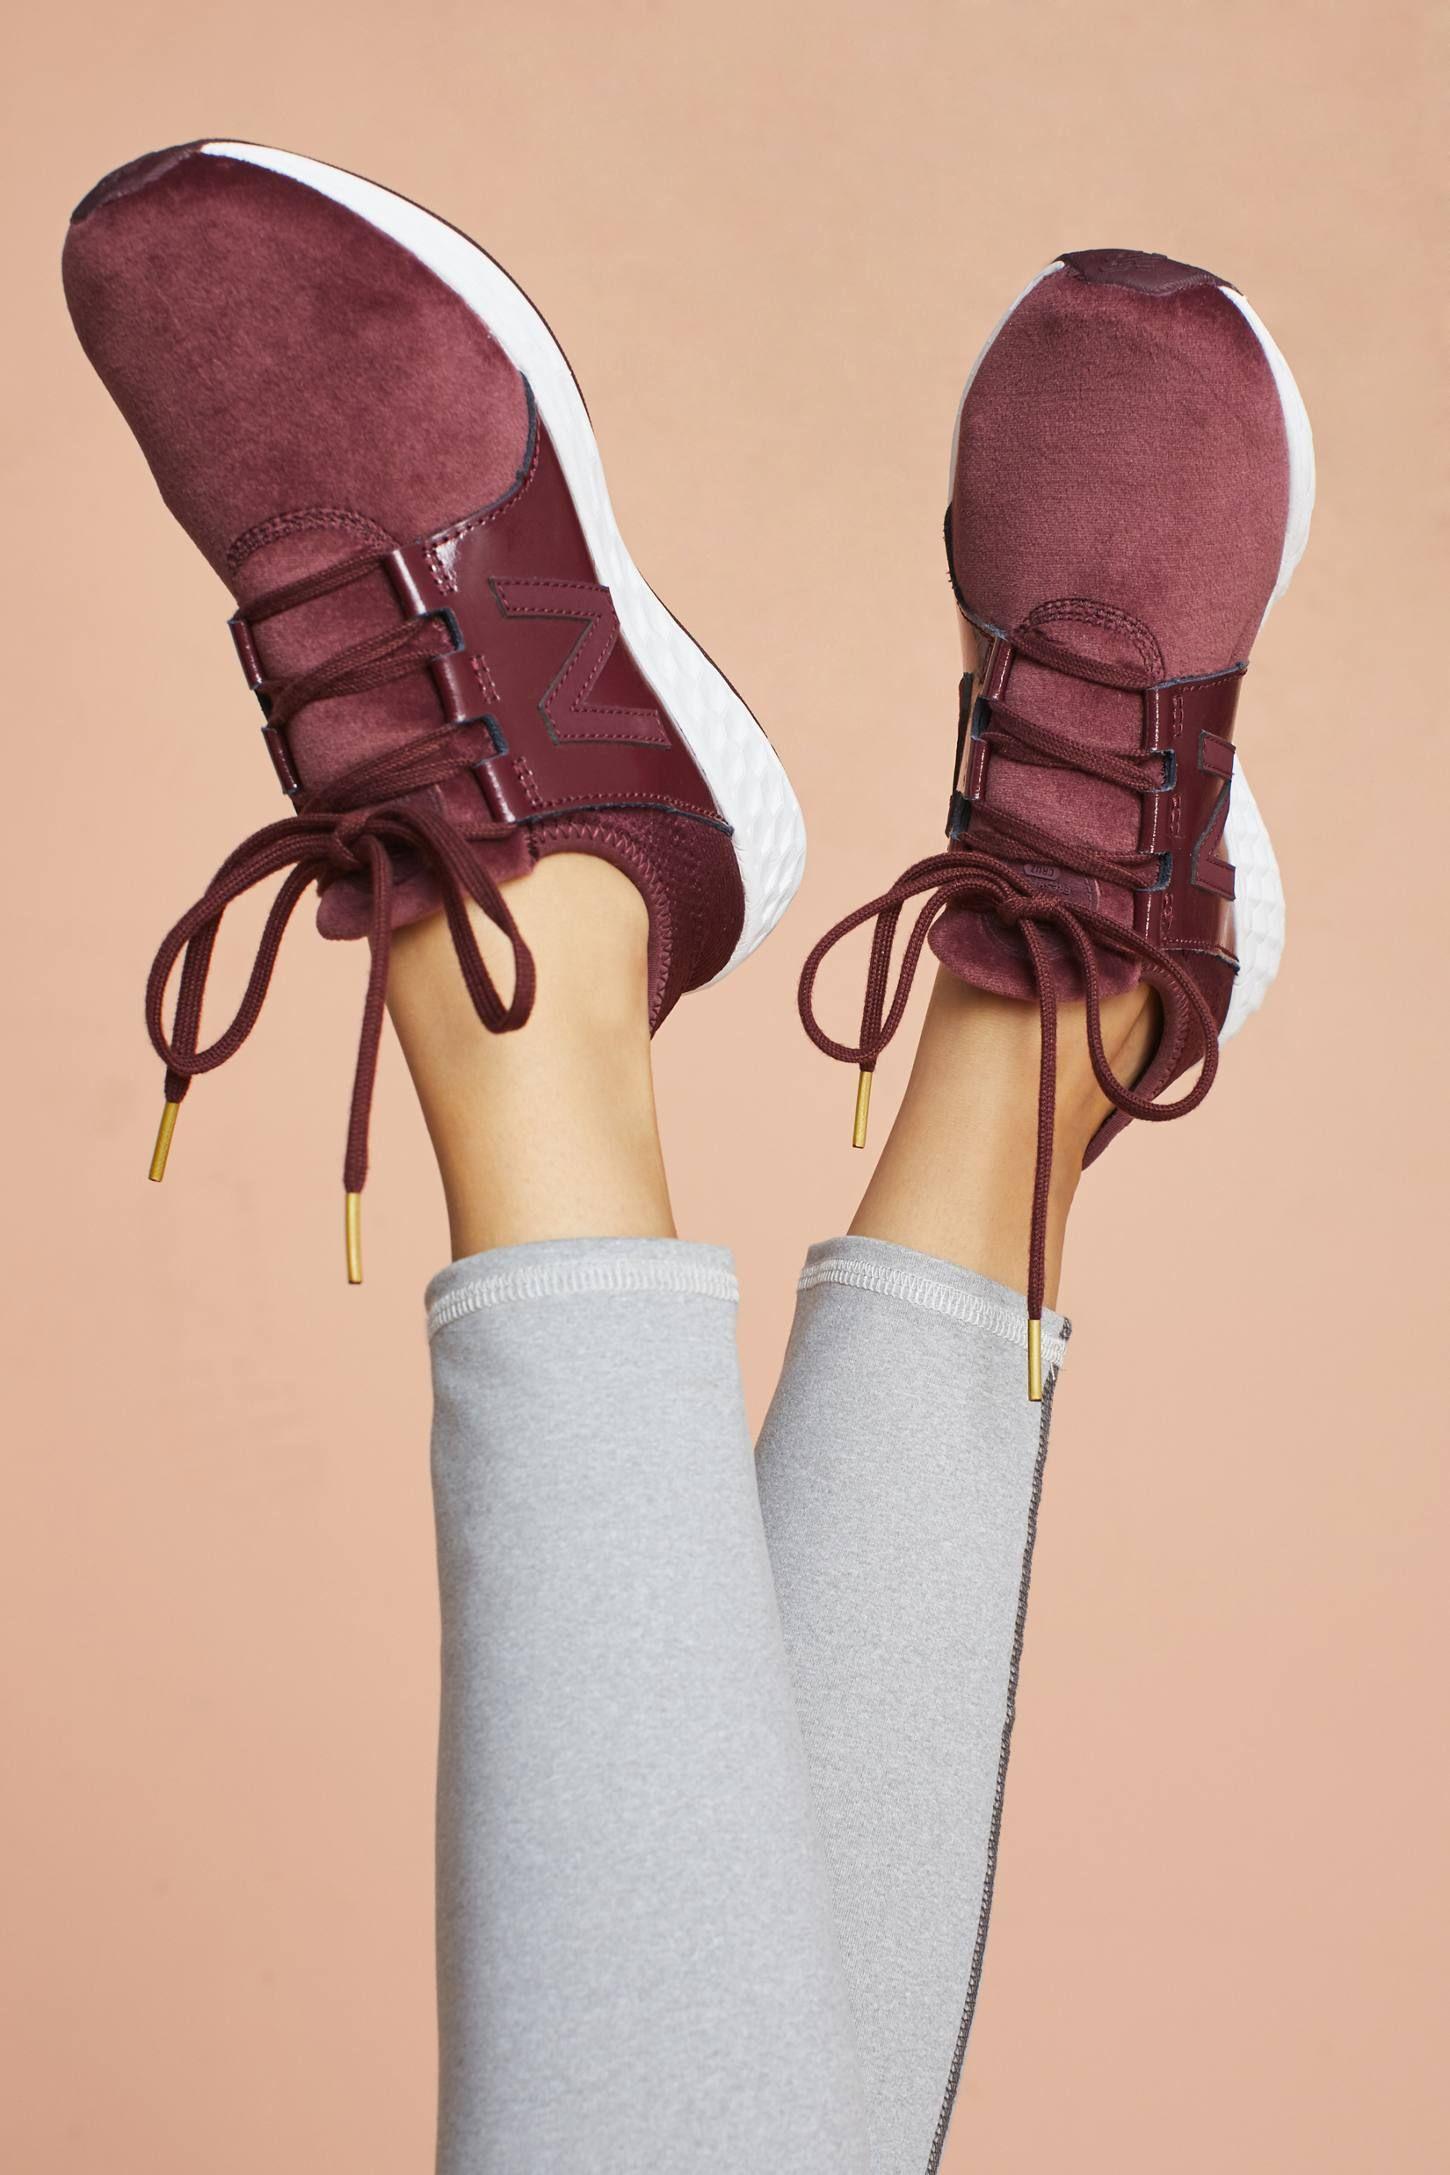 New Balance Velvet Cruz Sneakers Velvet sneakers, Womens